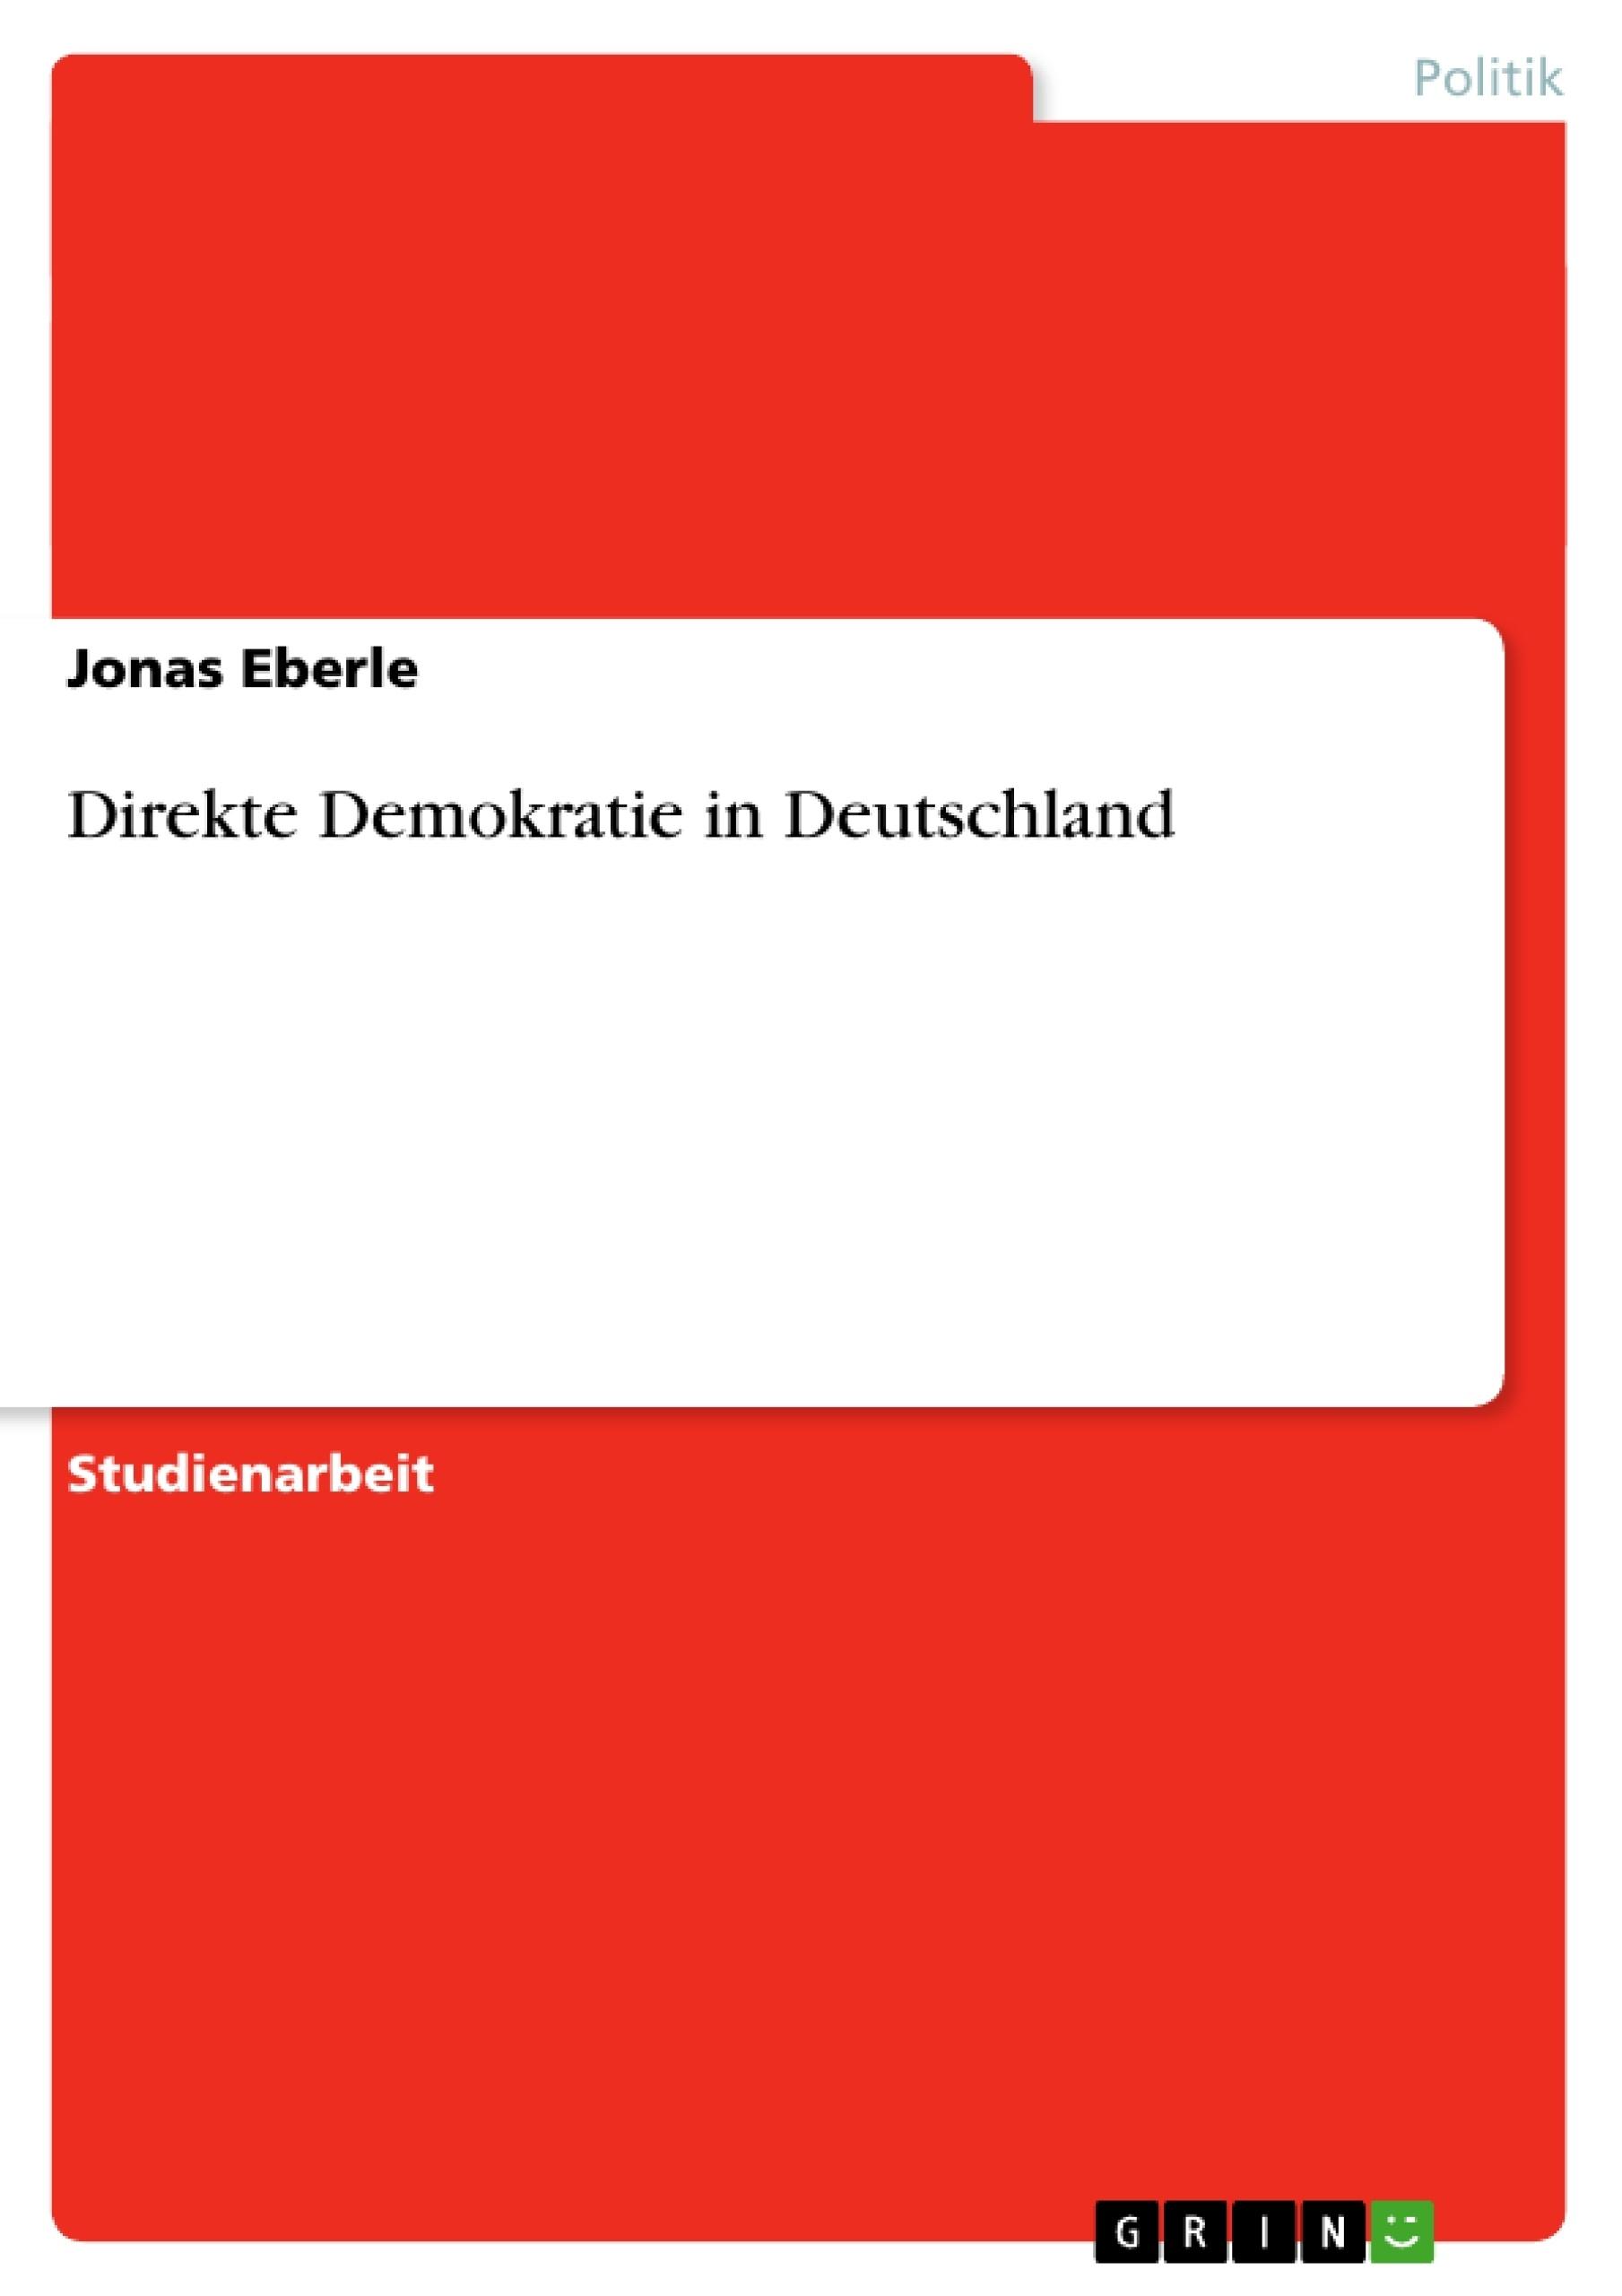 Titel: Direkte Demokratie in Deutschland